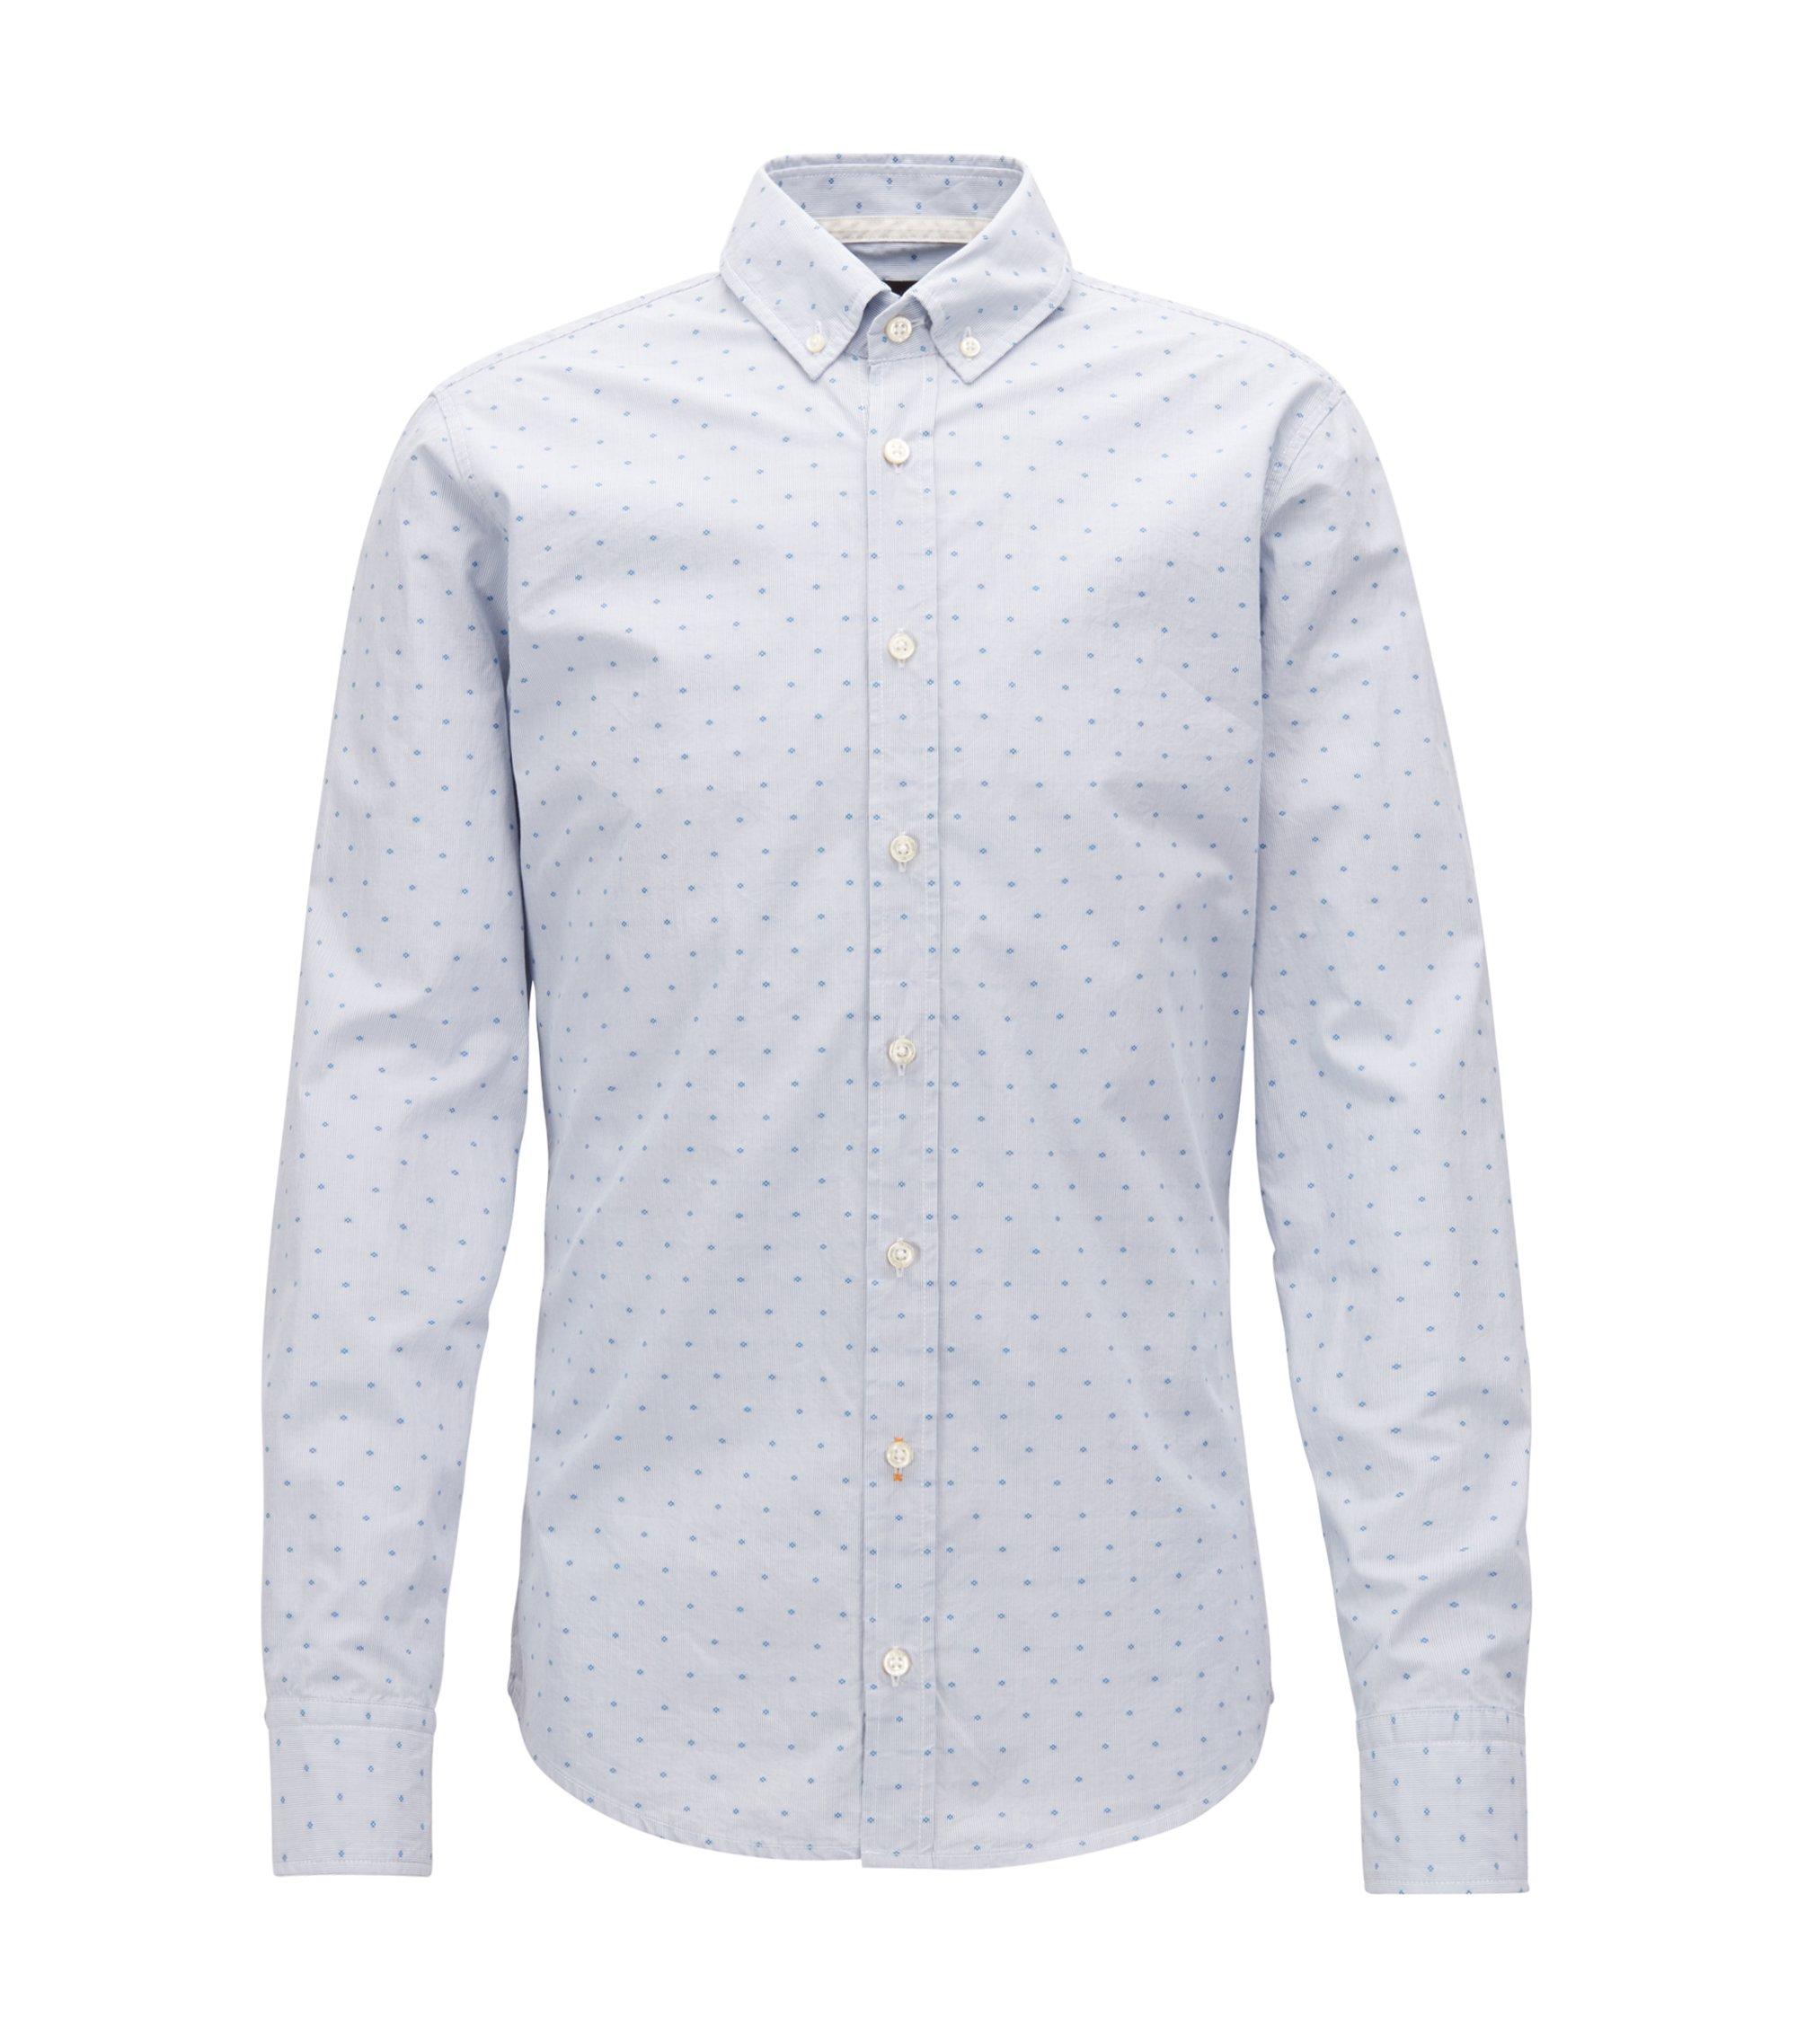 Slim-Fit Hemd aus strukturierter Baumwolle mit Streifen-Muster, Hellblau